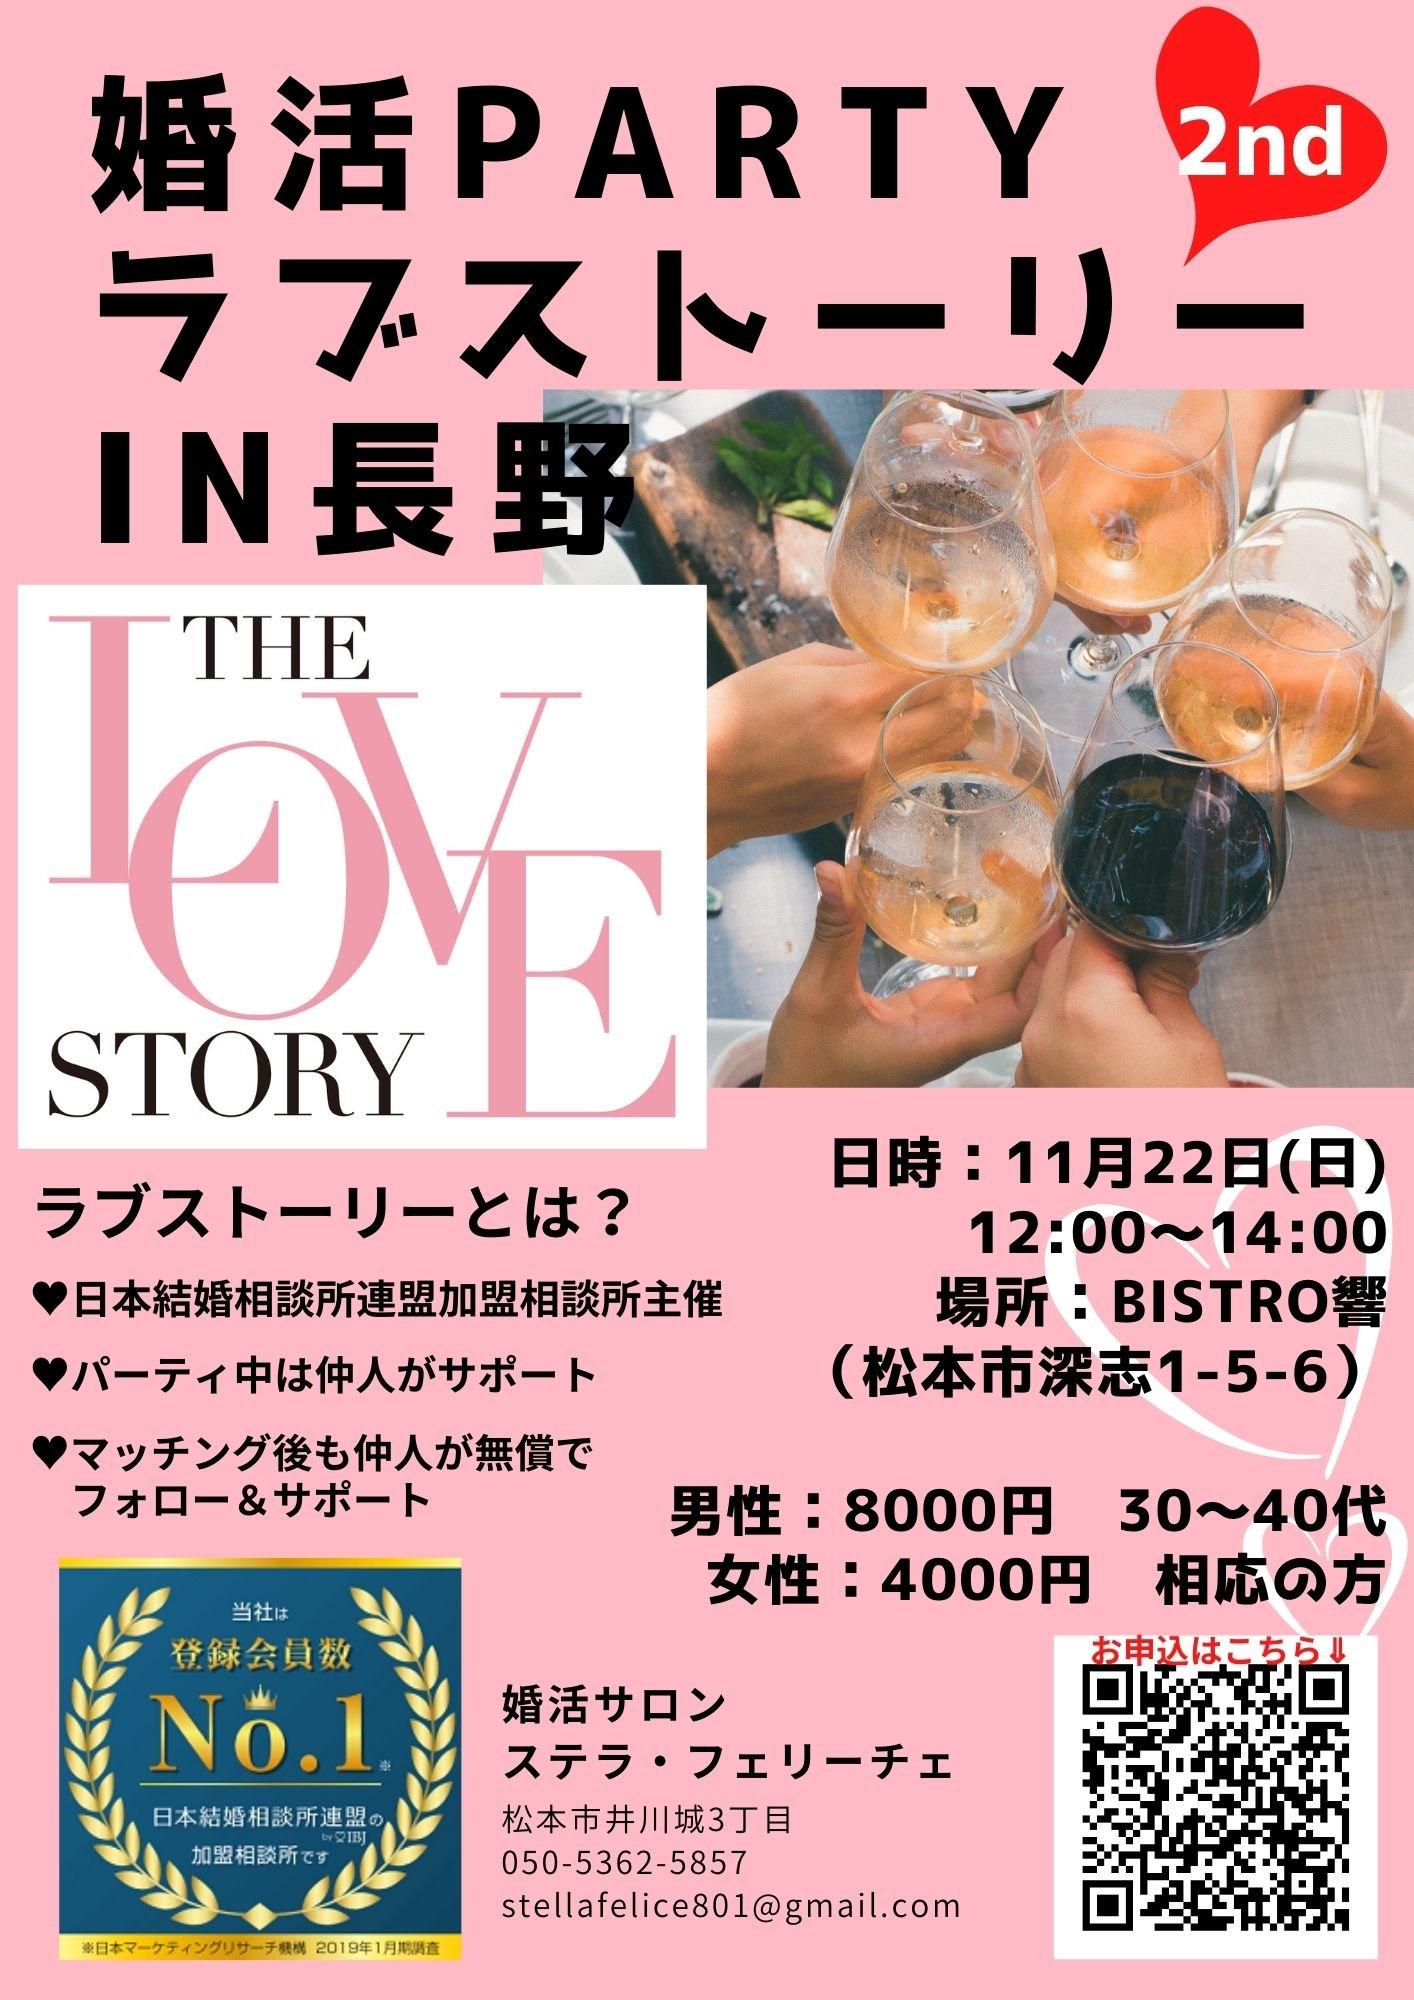 【男性参加チケット】11/22開催!婚活パーティ♥ラブストーリー in長野のイメージその2